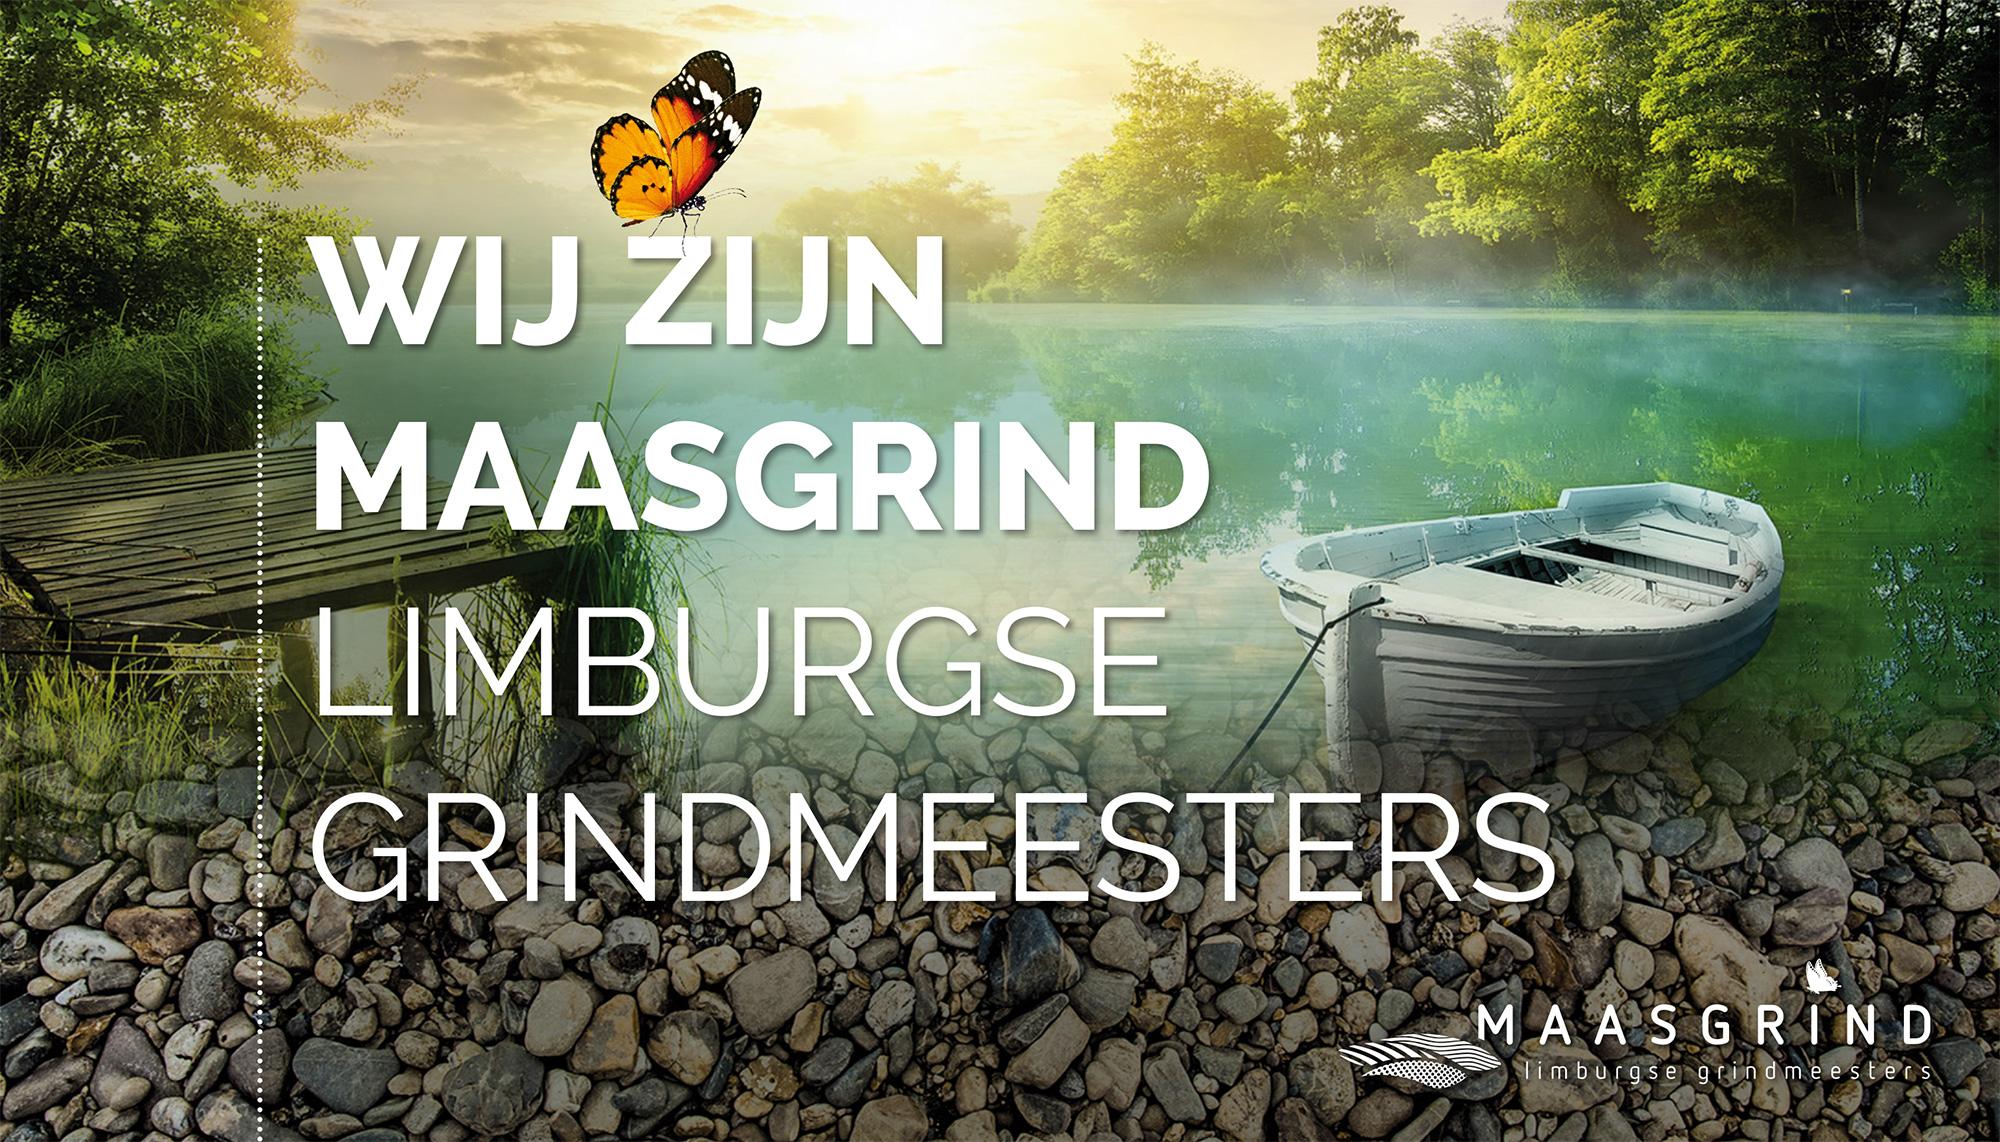 Maasgrind, Limburgse Grindmeesters